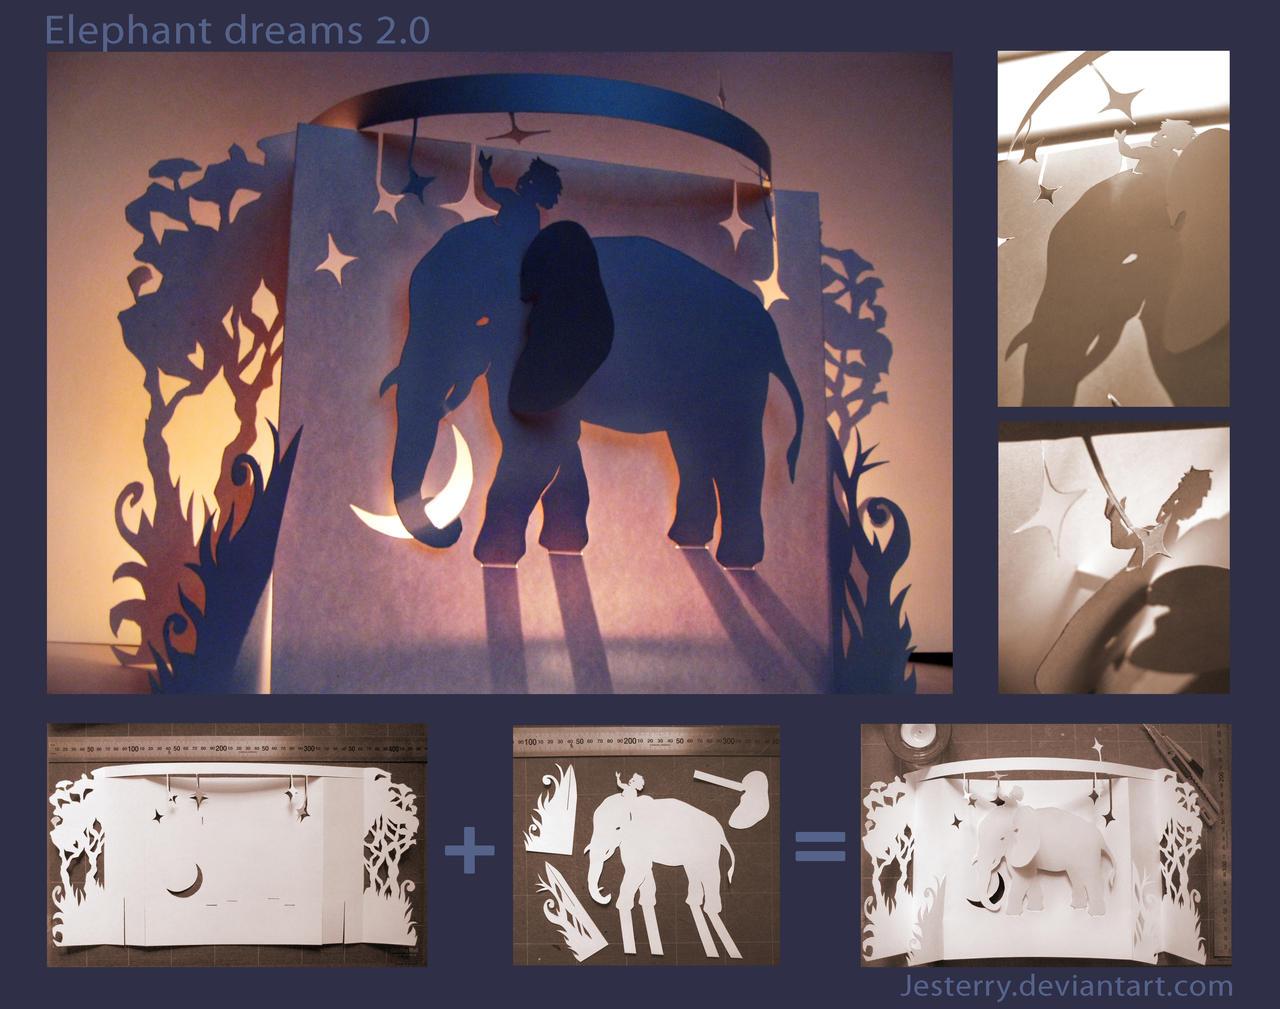 Elephant Dreams 2.0 by jesterry